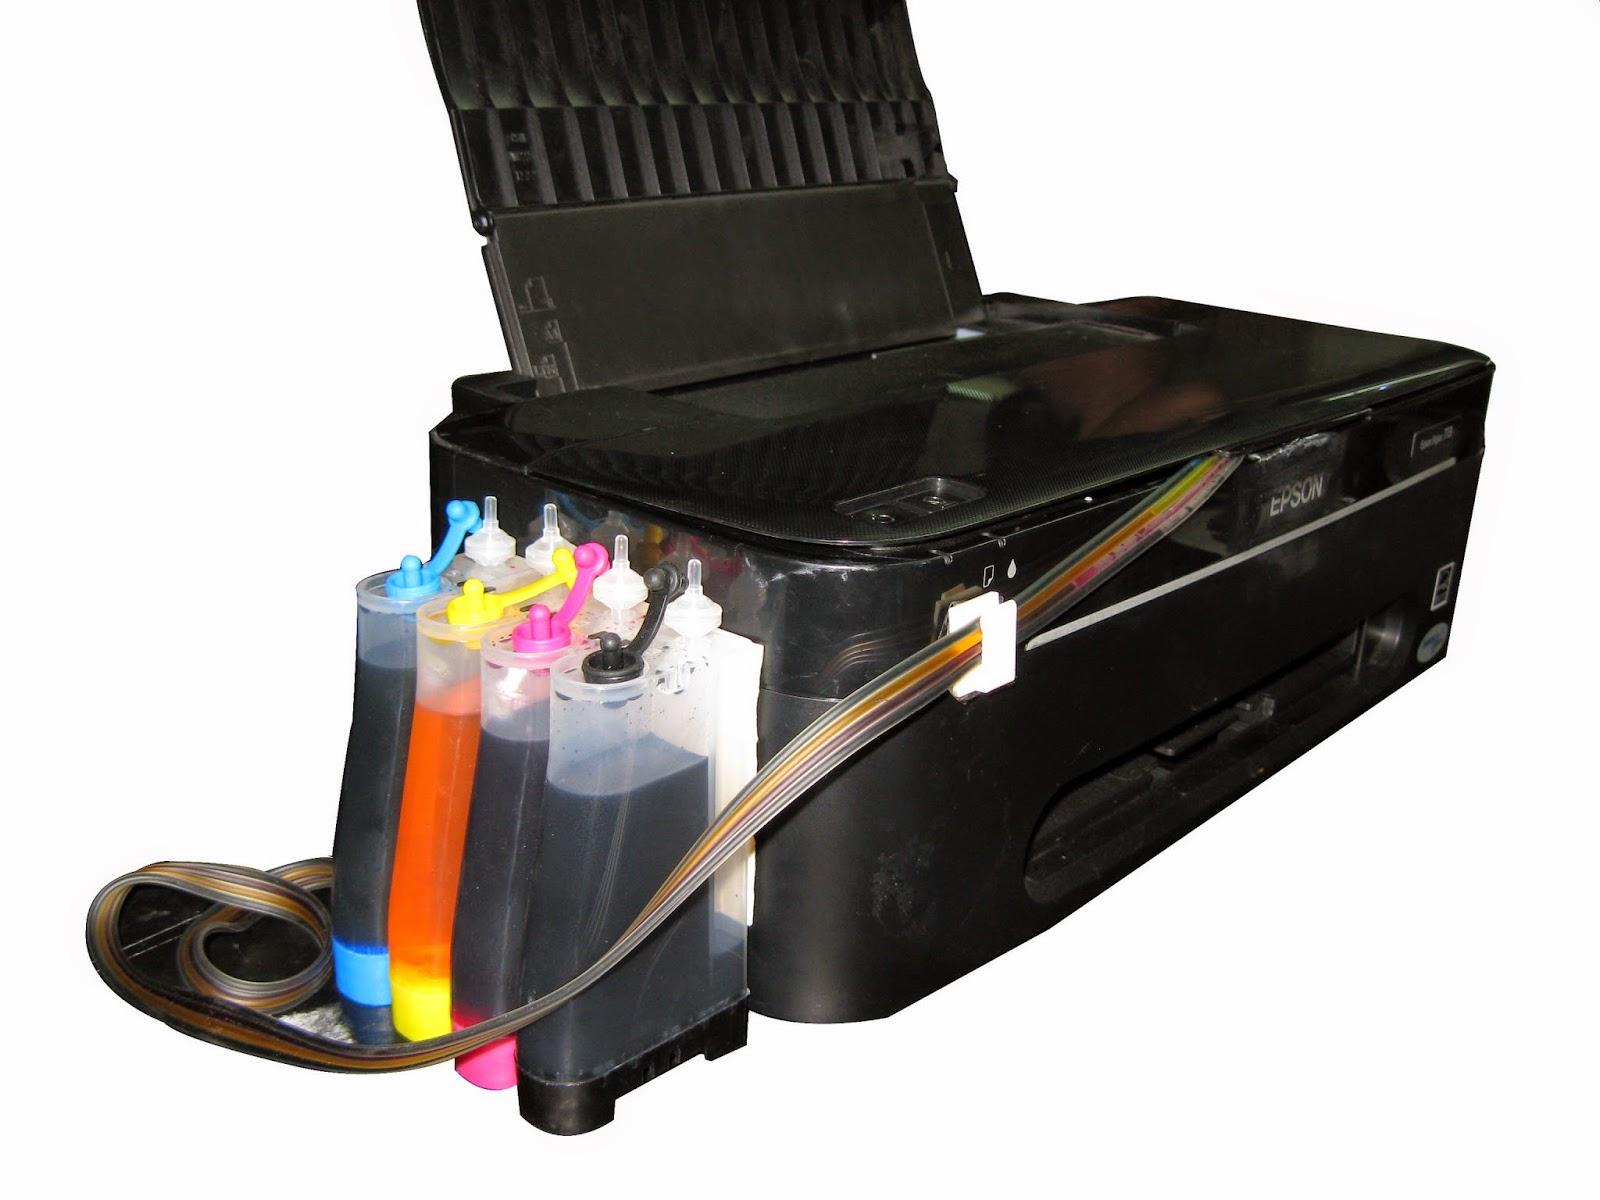 Mengatasi Blingking Pada Printer Epson